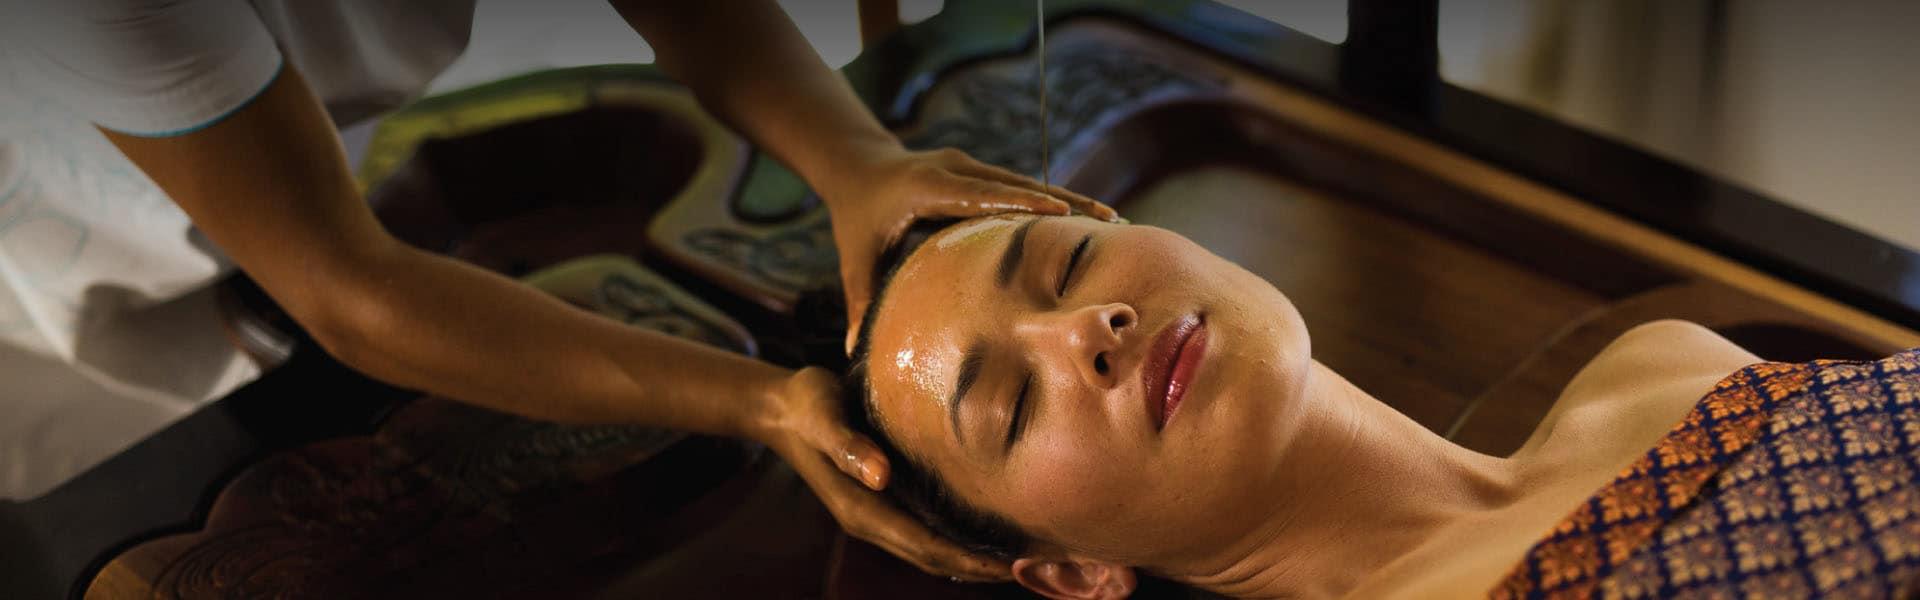 Escort lady thai massasje stavanger